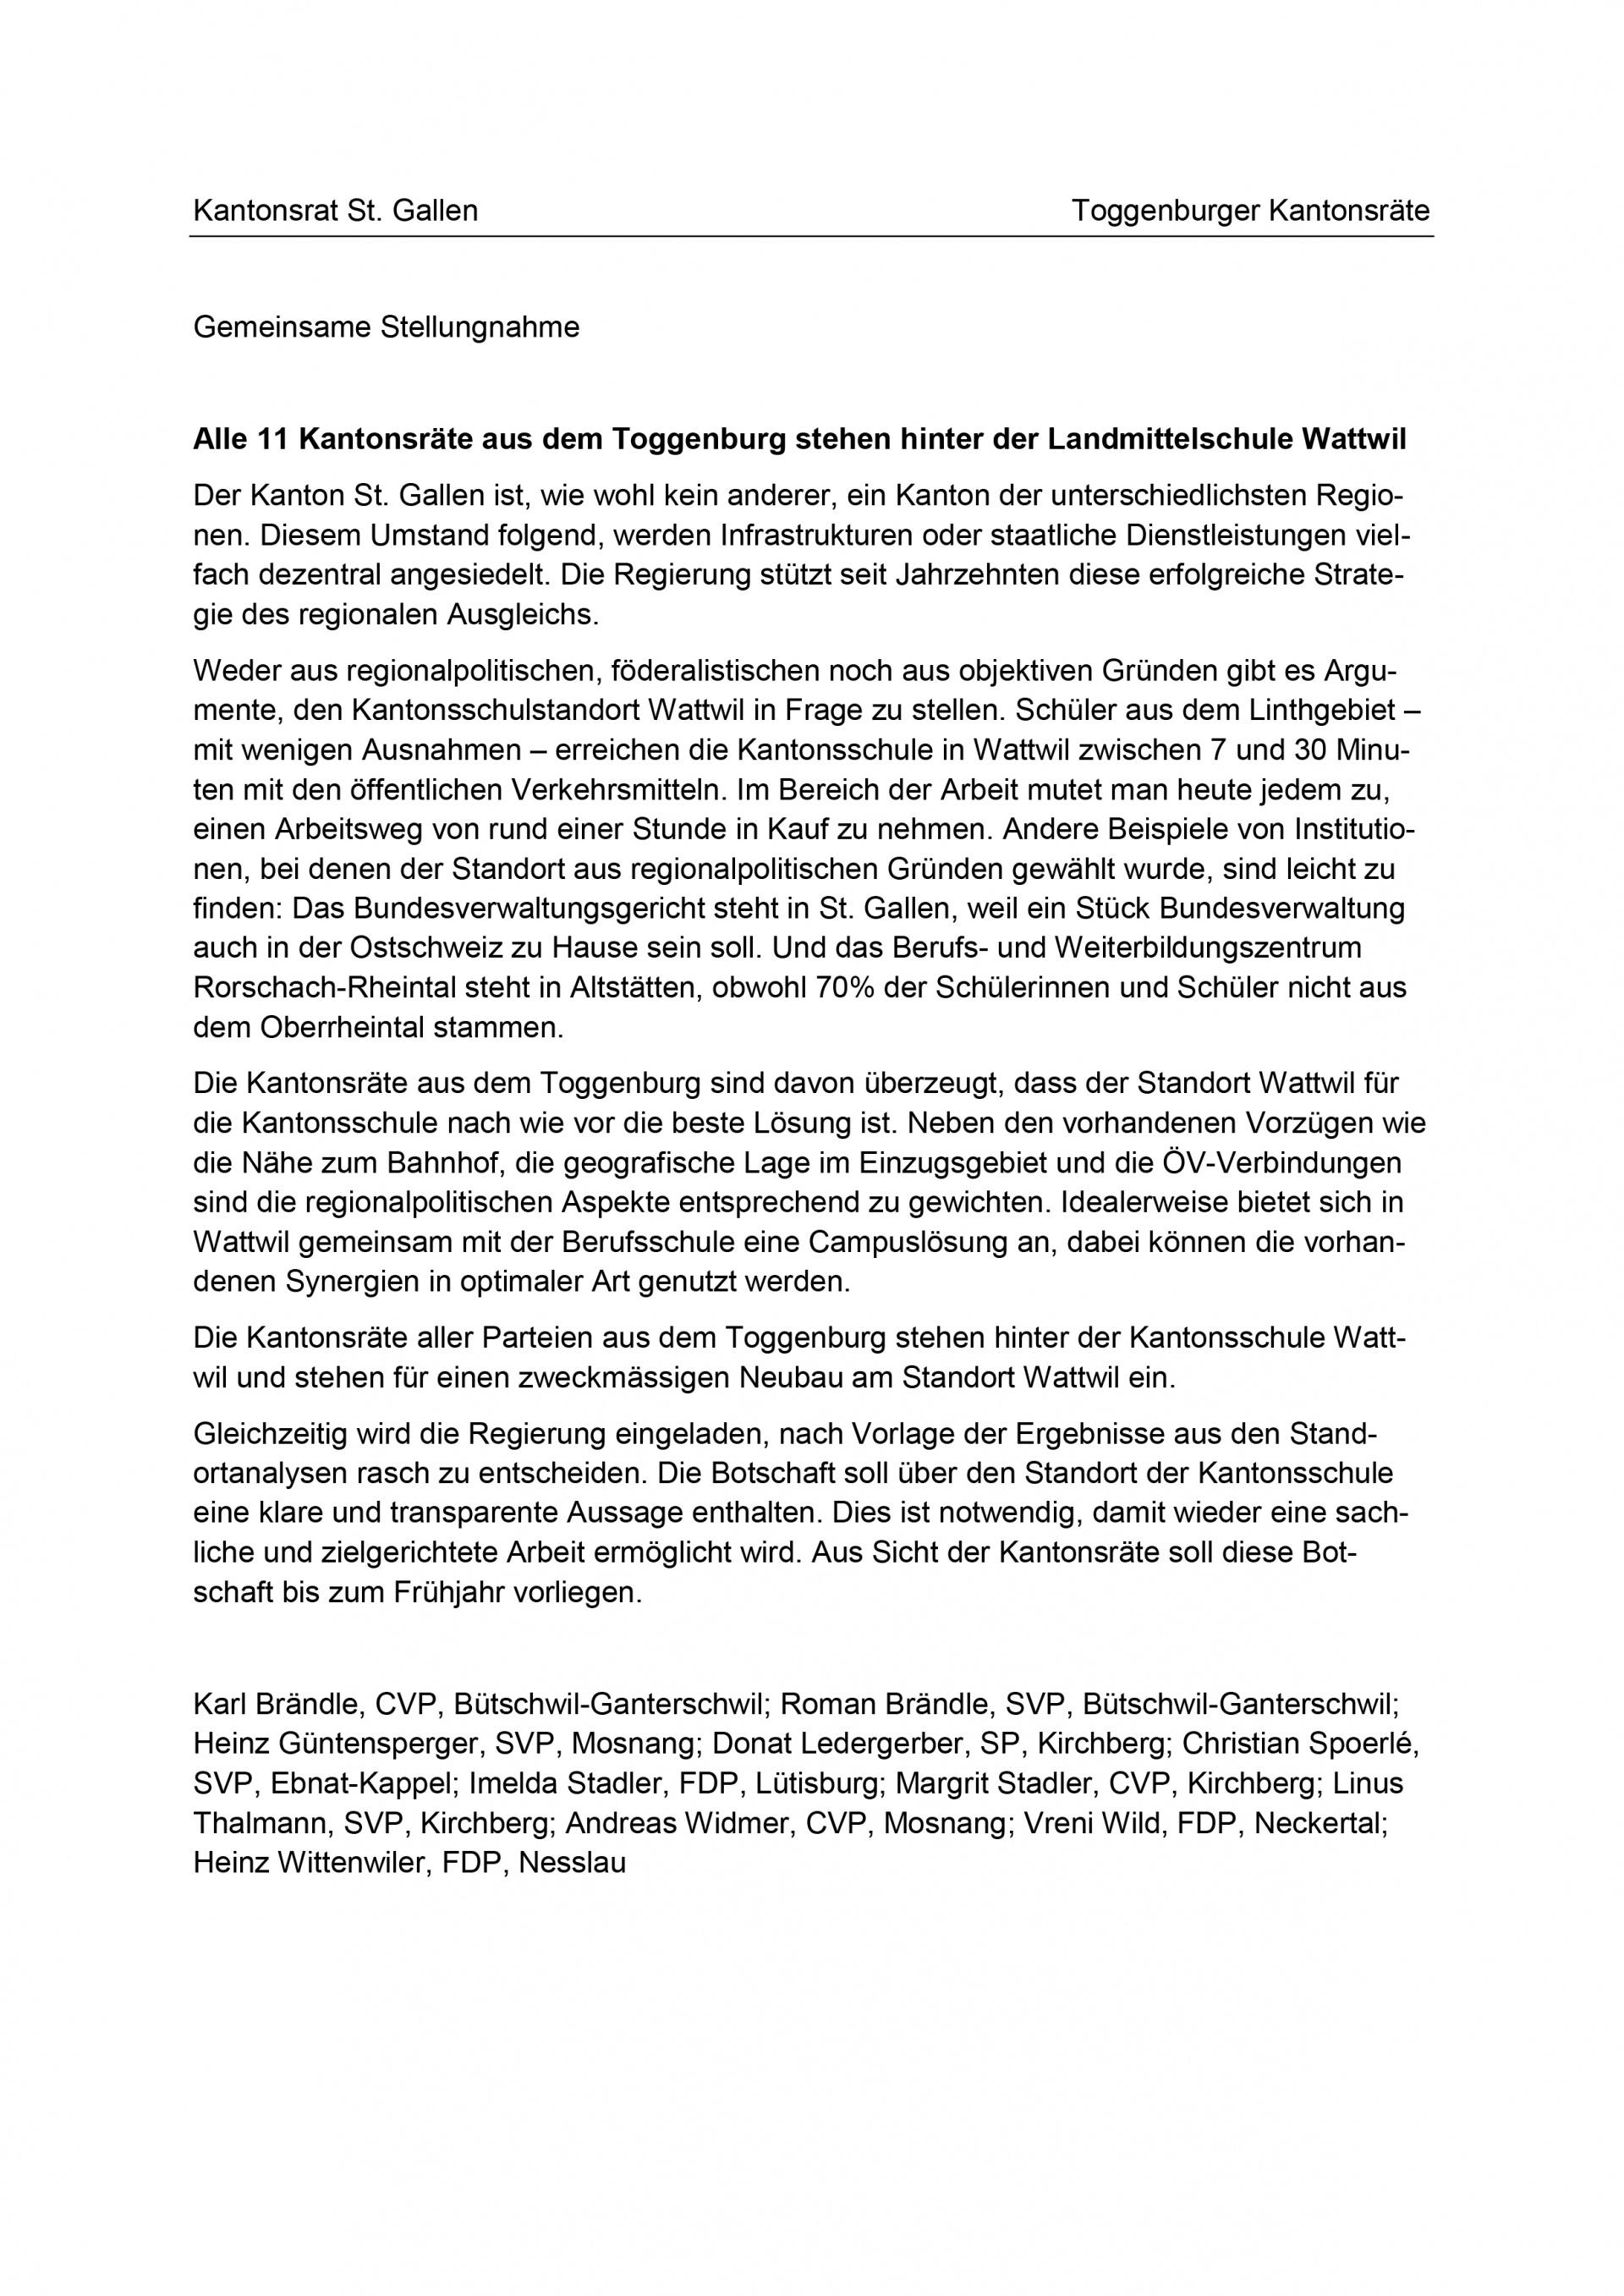 Gemeinsame Stellungnahme: Kantonsräte stehen hinter Standort Wattwil (Dienstag, 25.02.2014)